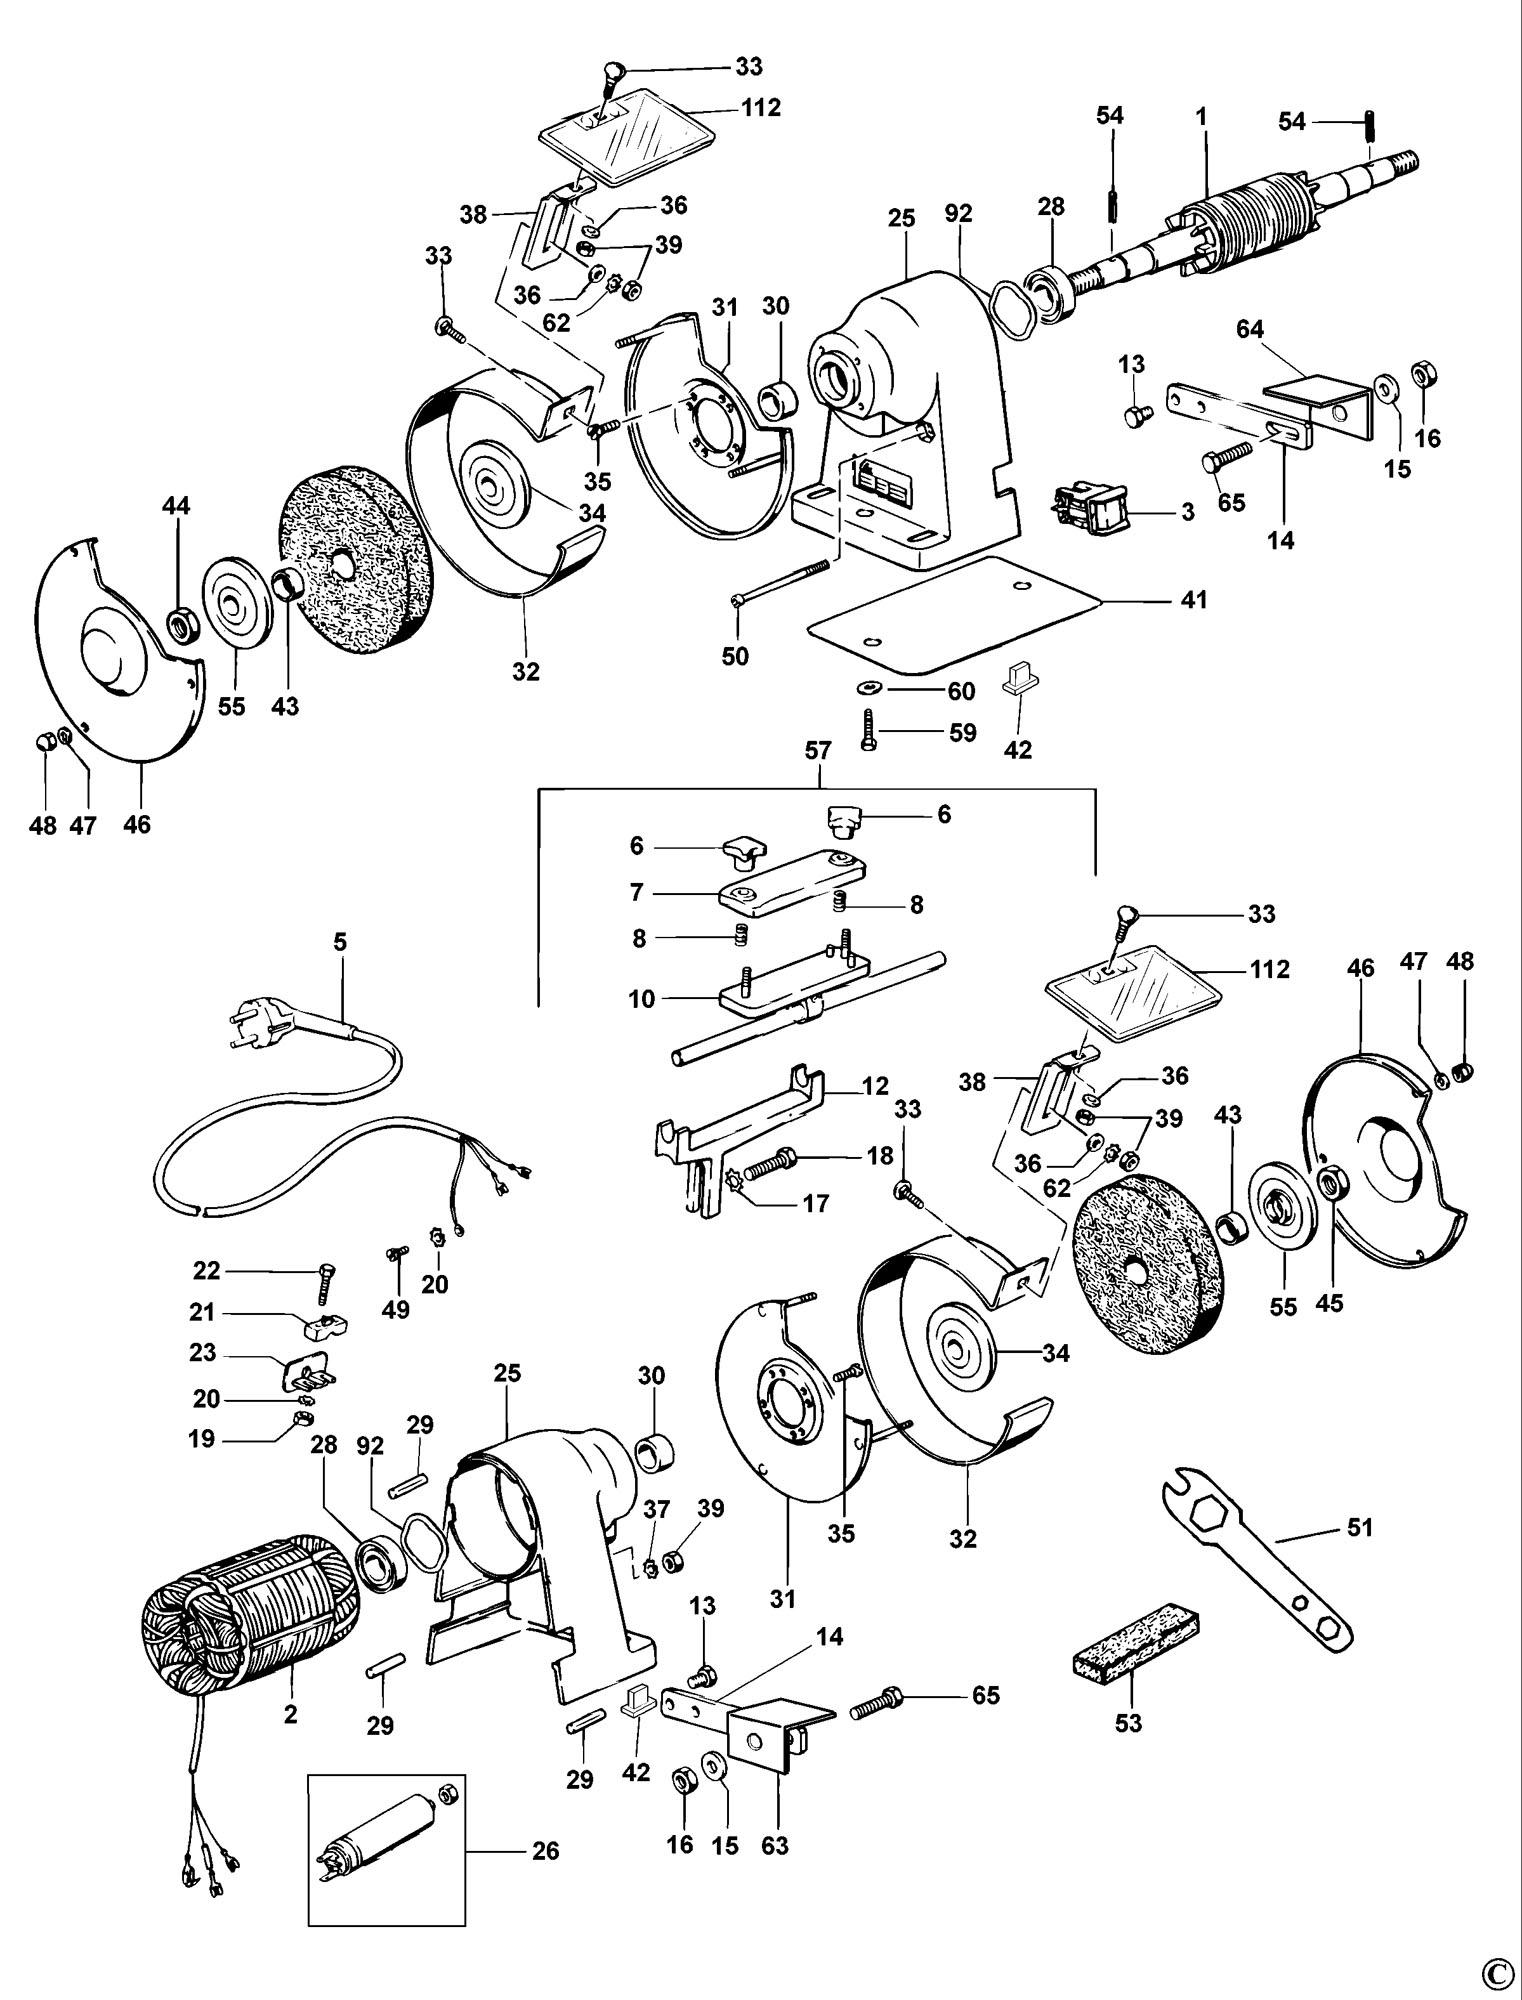 Spares For Dewalt Dw754 Bench Grinder  Type 2  Spare Dw754